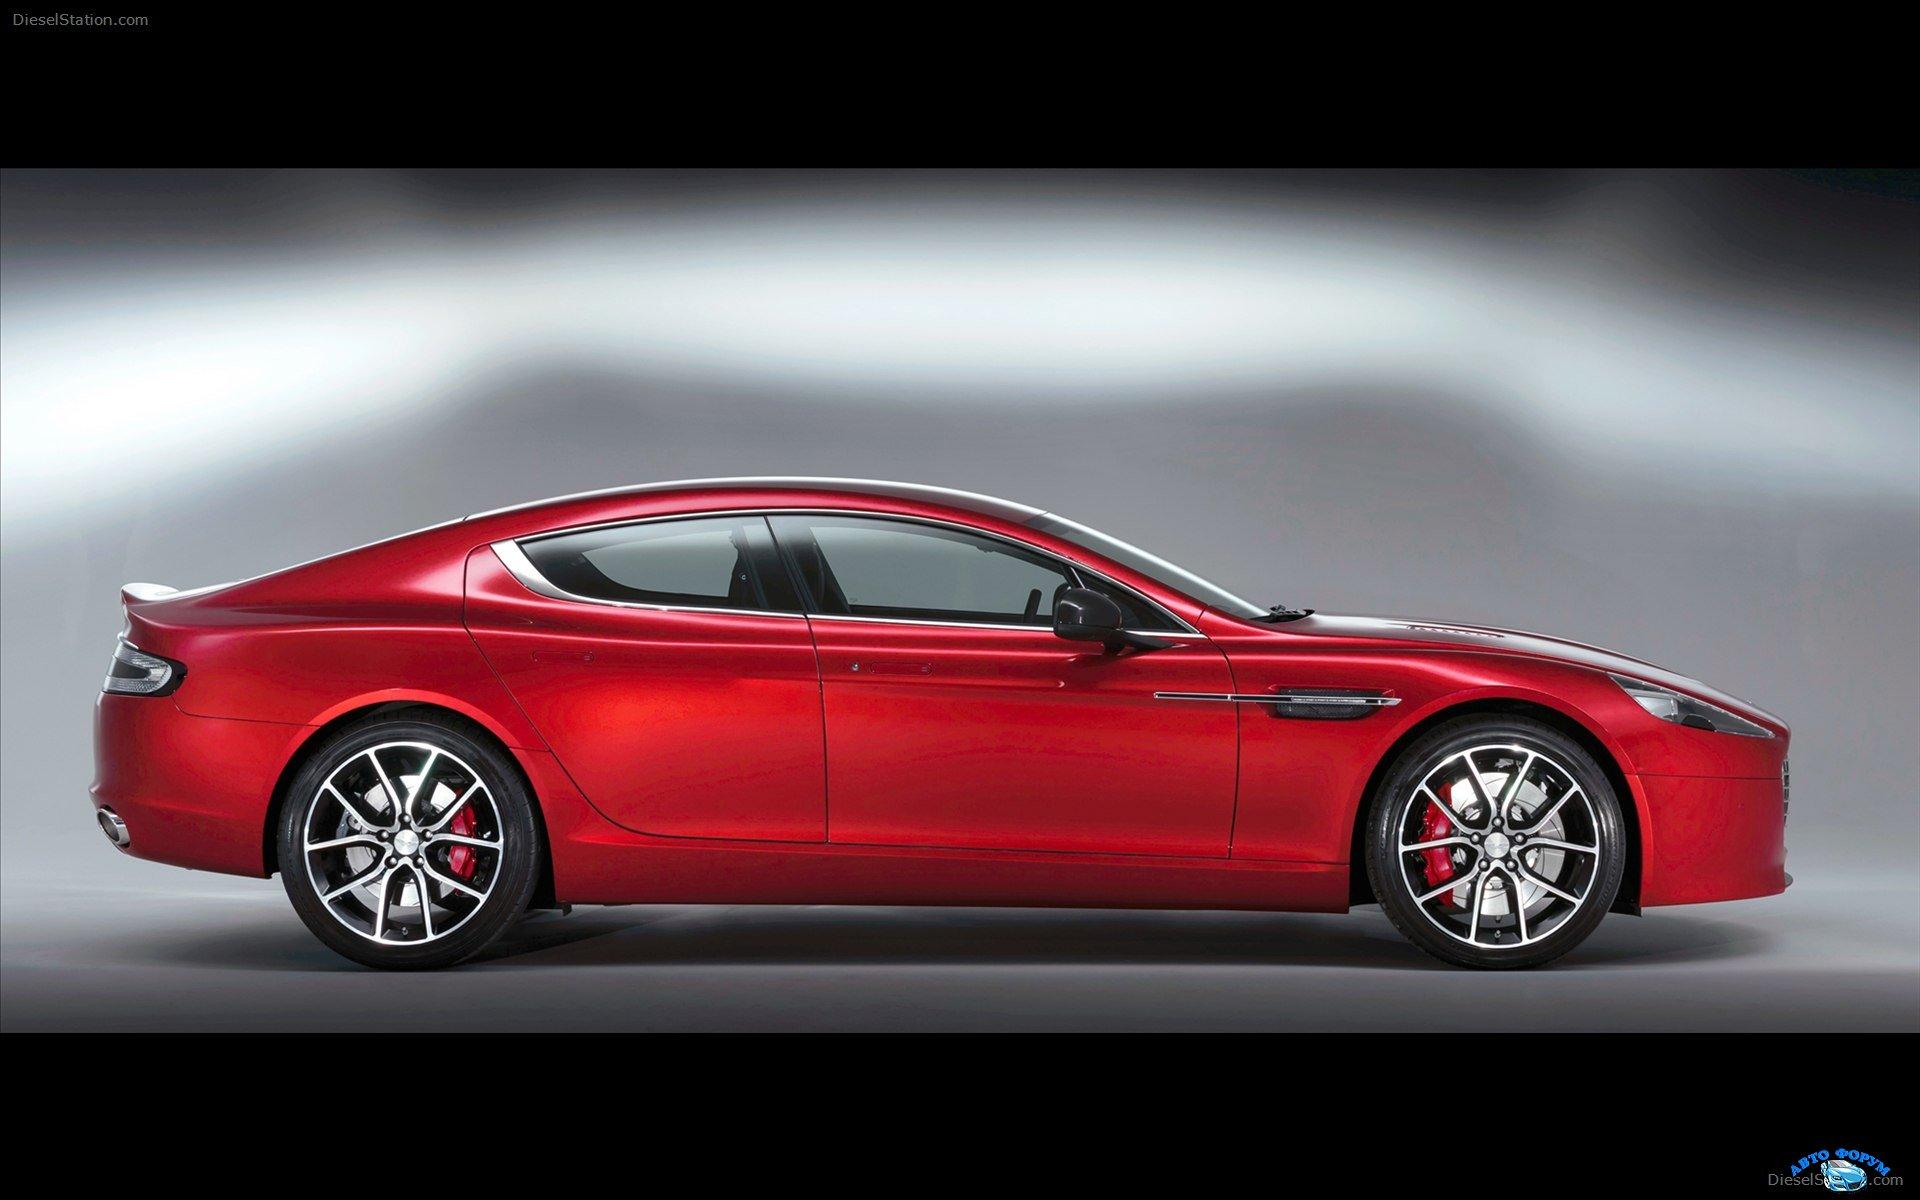 Aston-Martin-Rapide-S-2014-widescreen-10.jpg